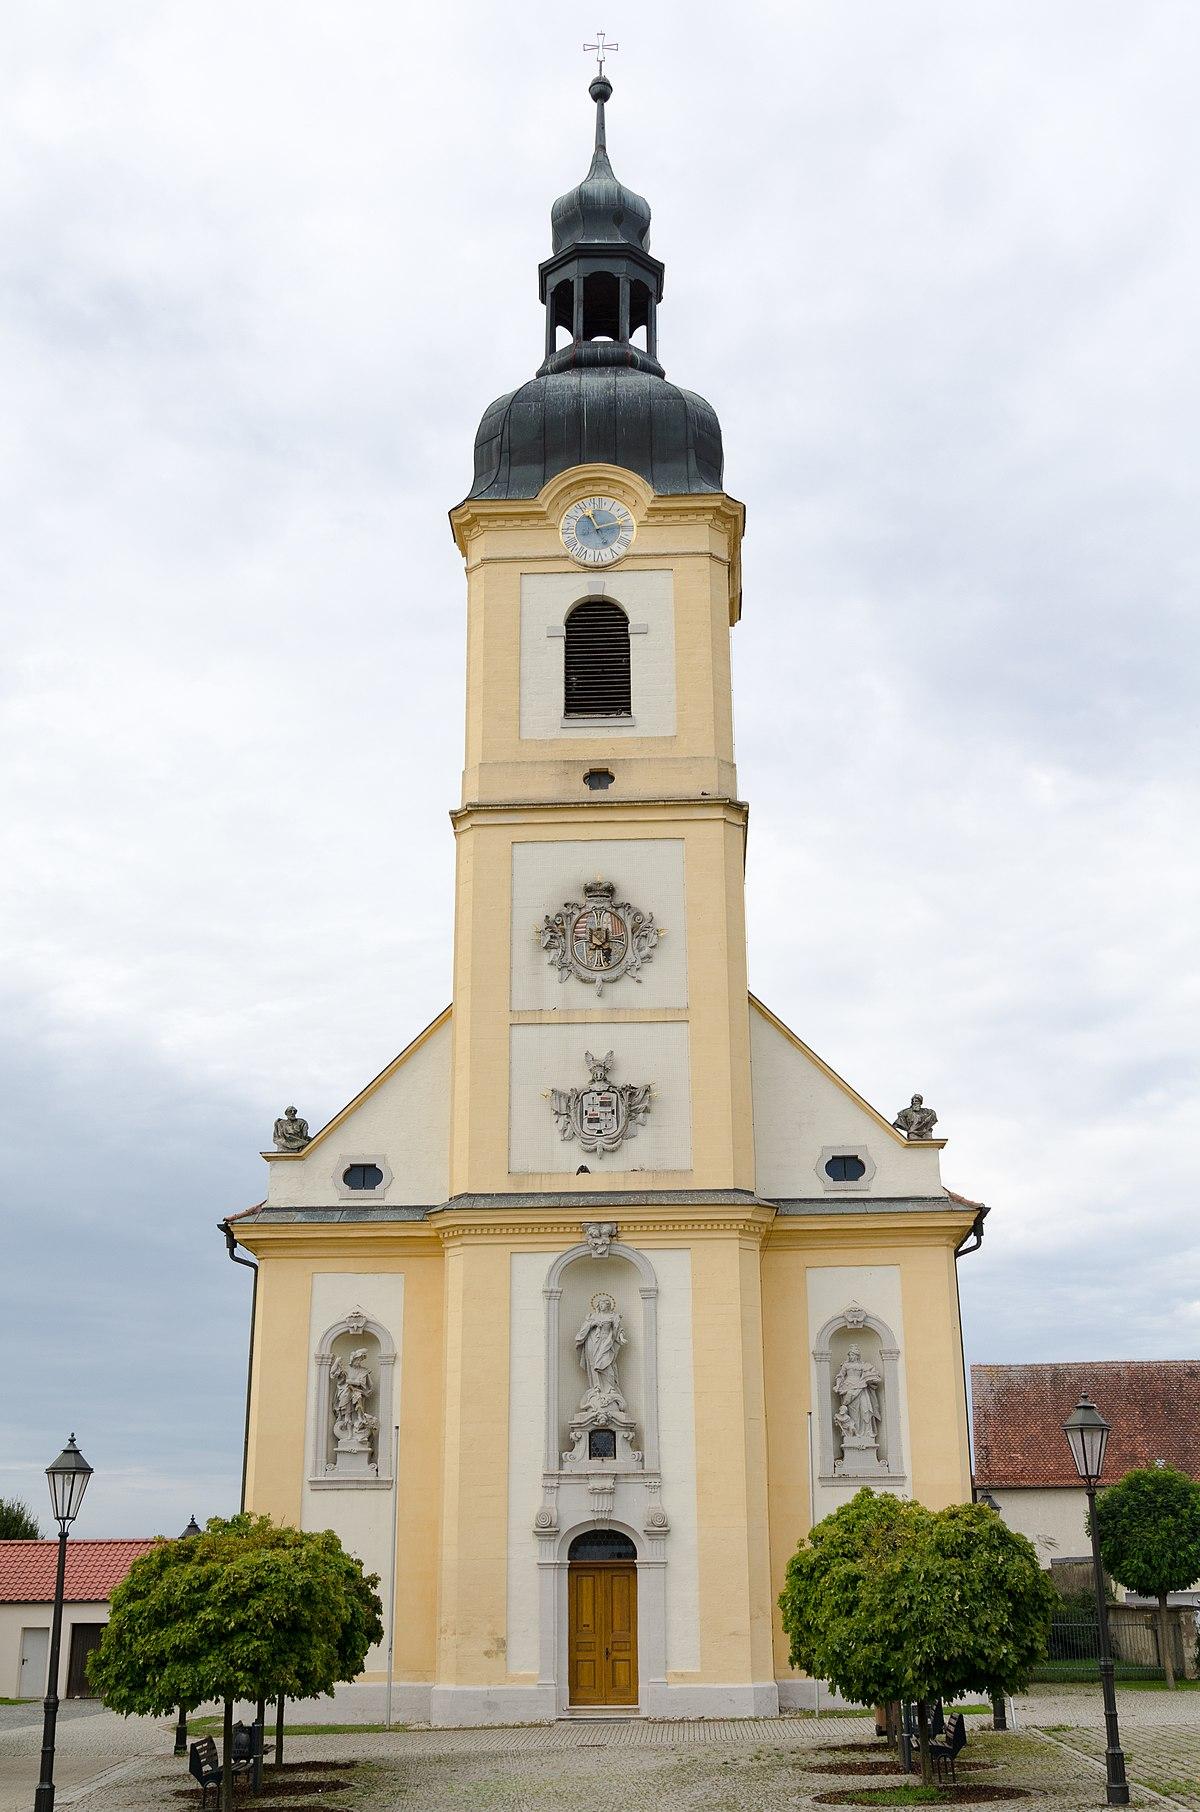 St Augustinus Kirche